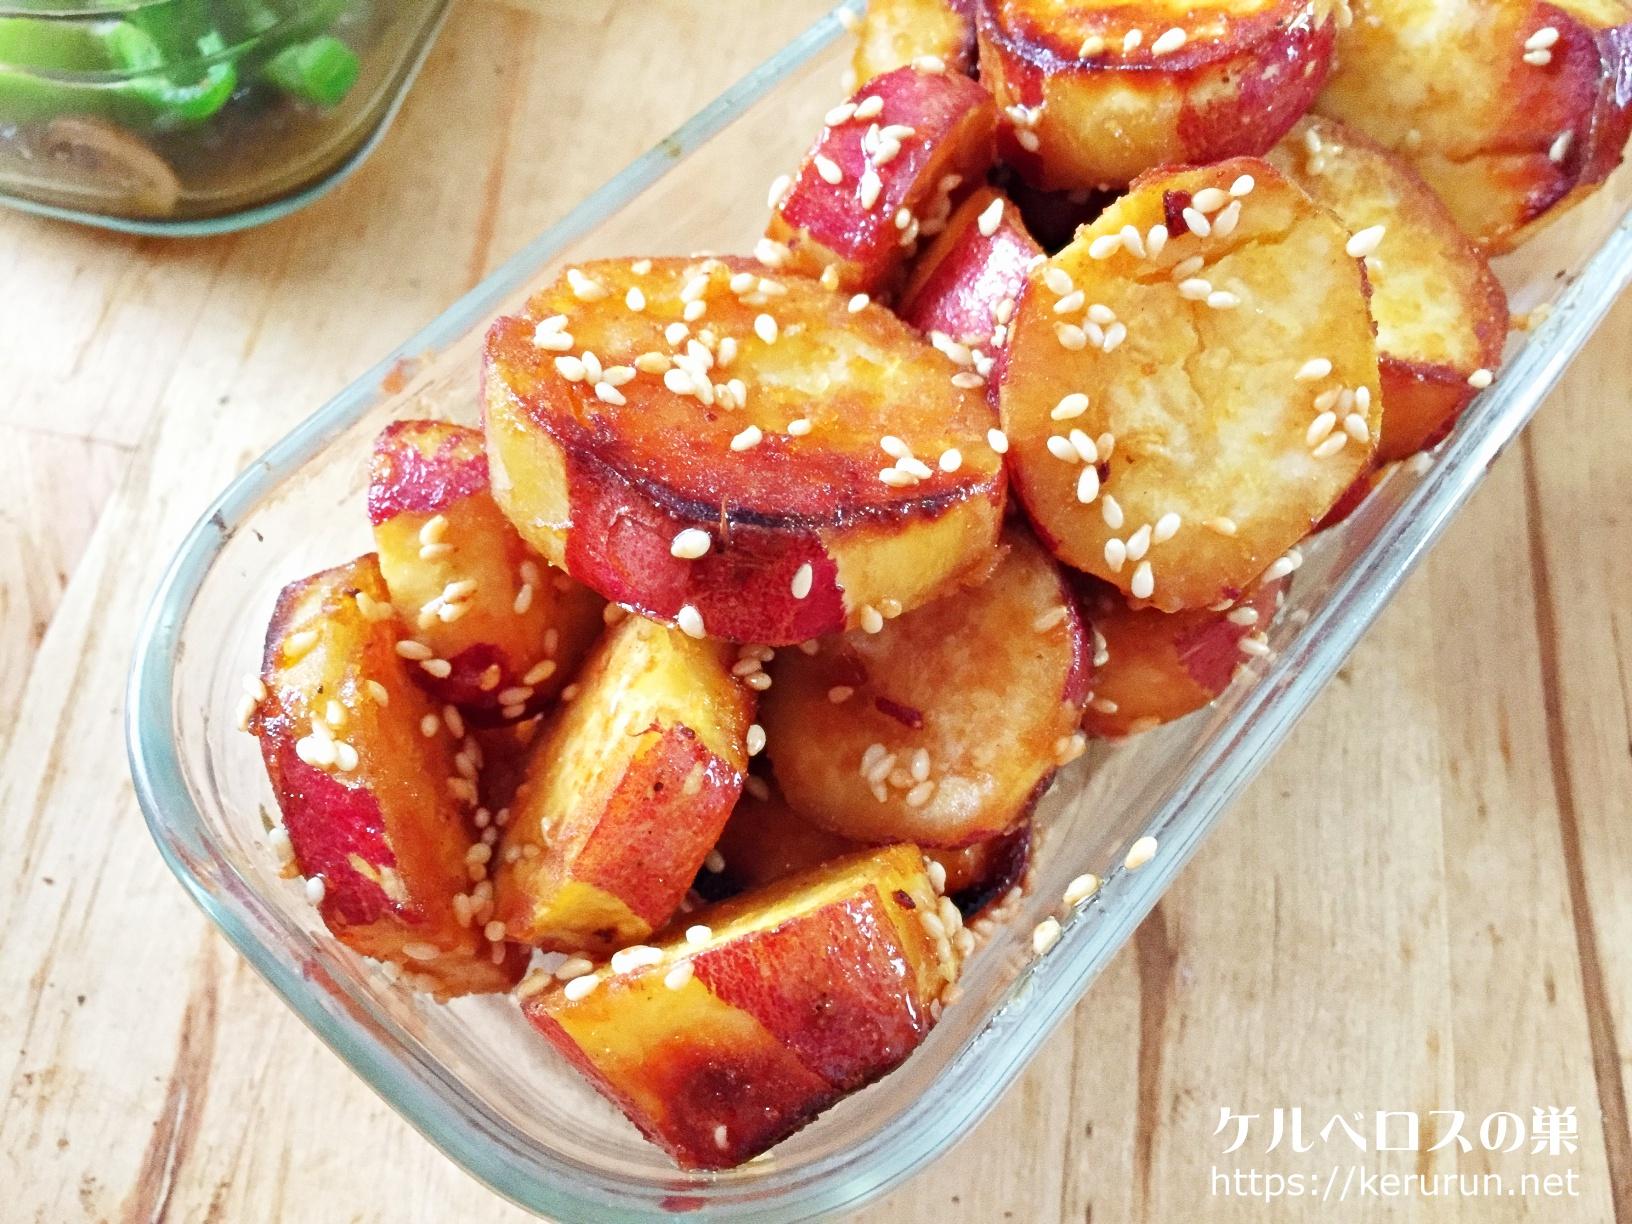 サツマイモの砂糖醤油炒め